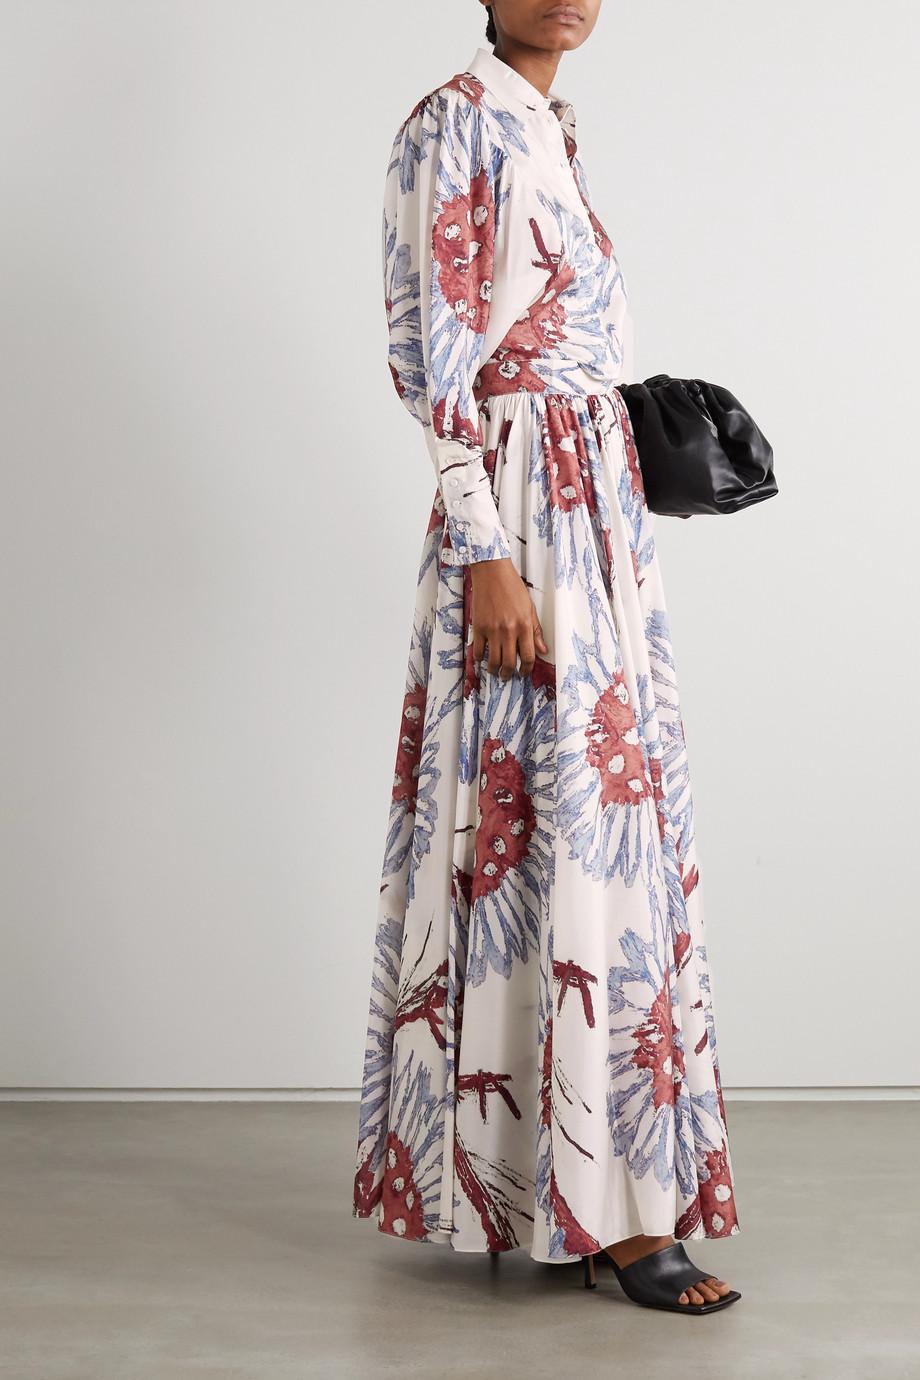 Alaïa Jupe longue en crêpe de Chine de soie à imprimé fleuri